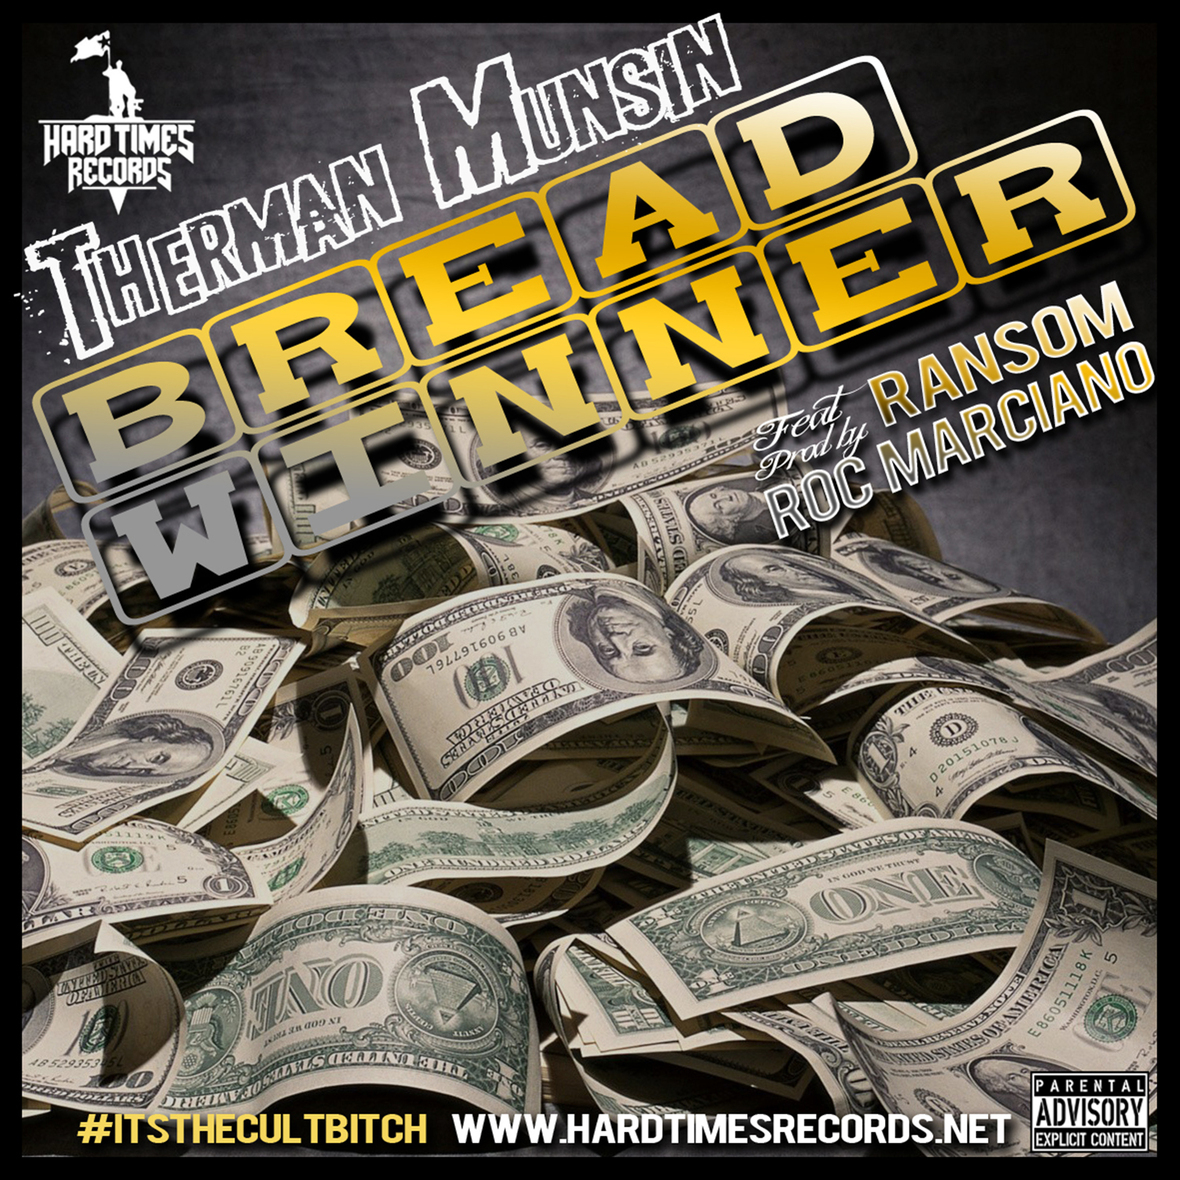 Breadwinner2